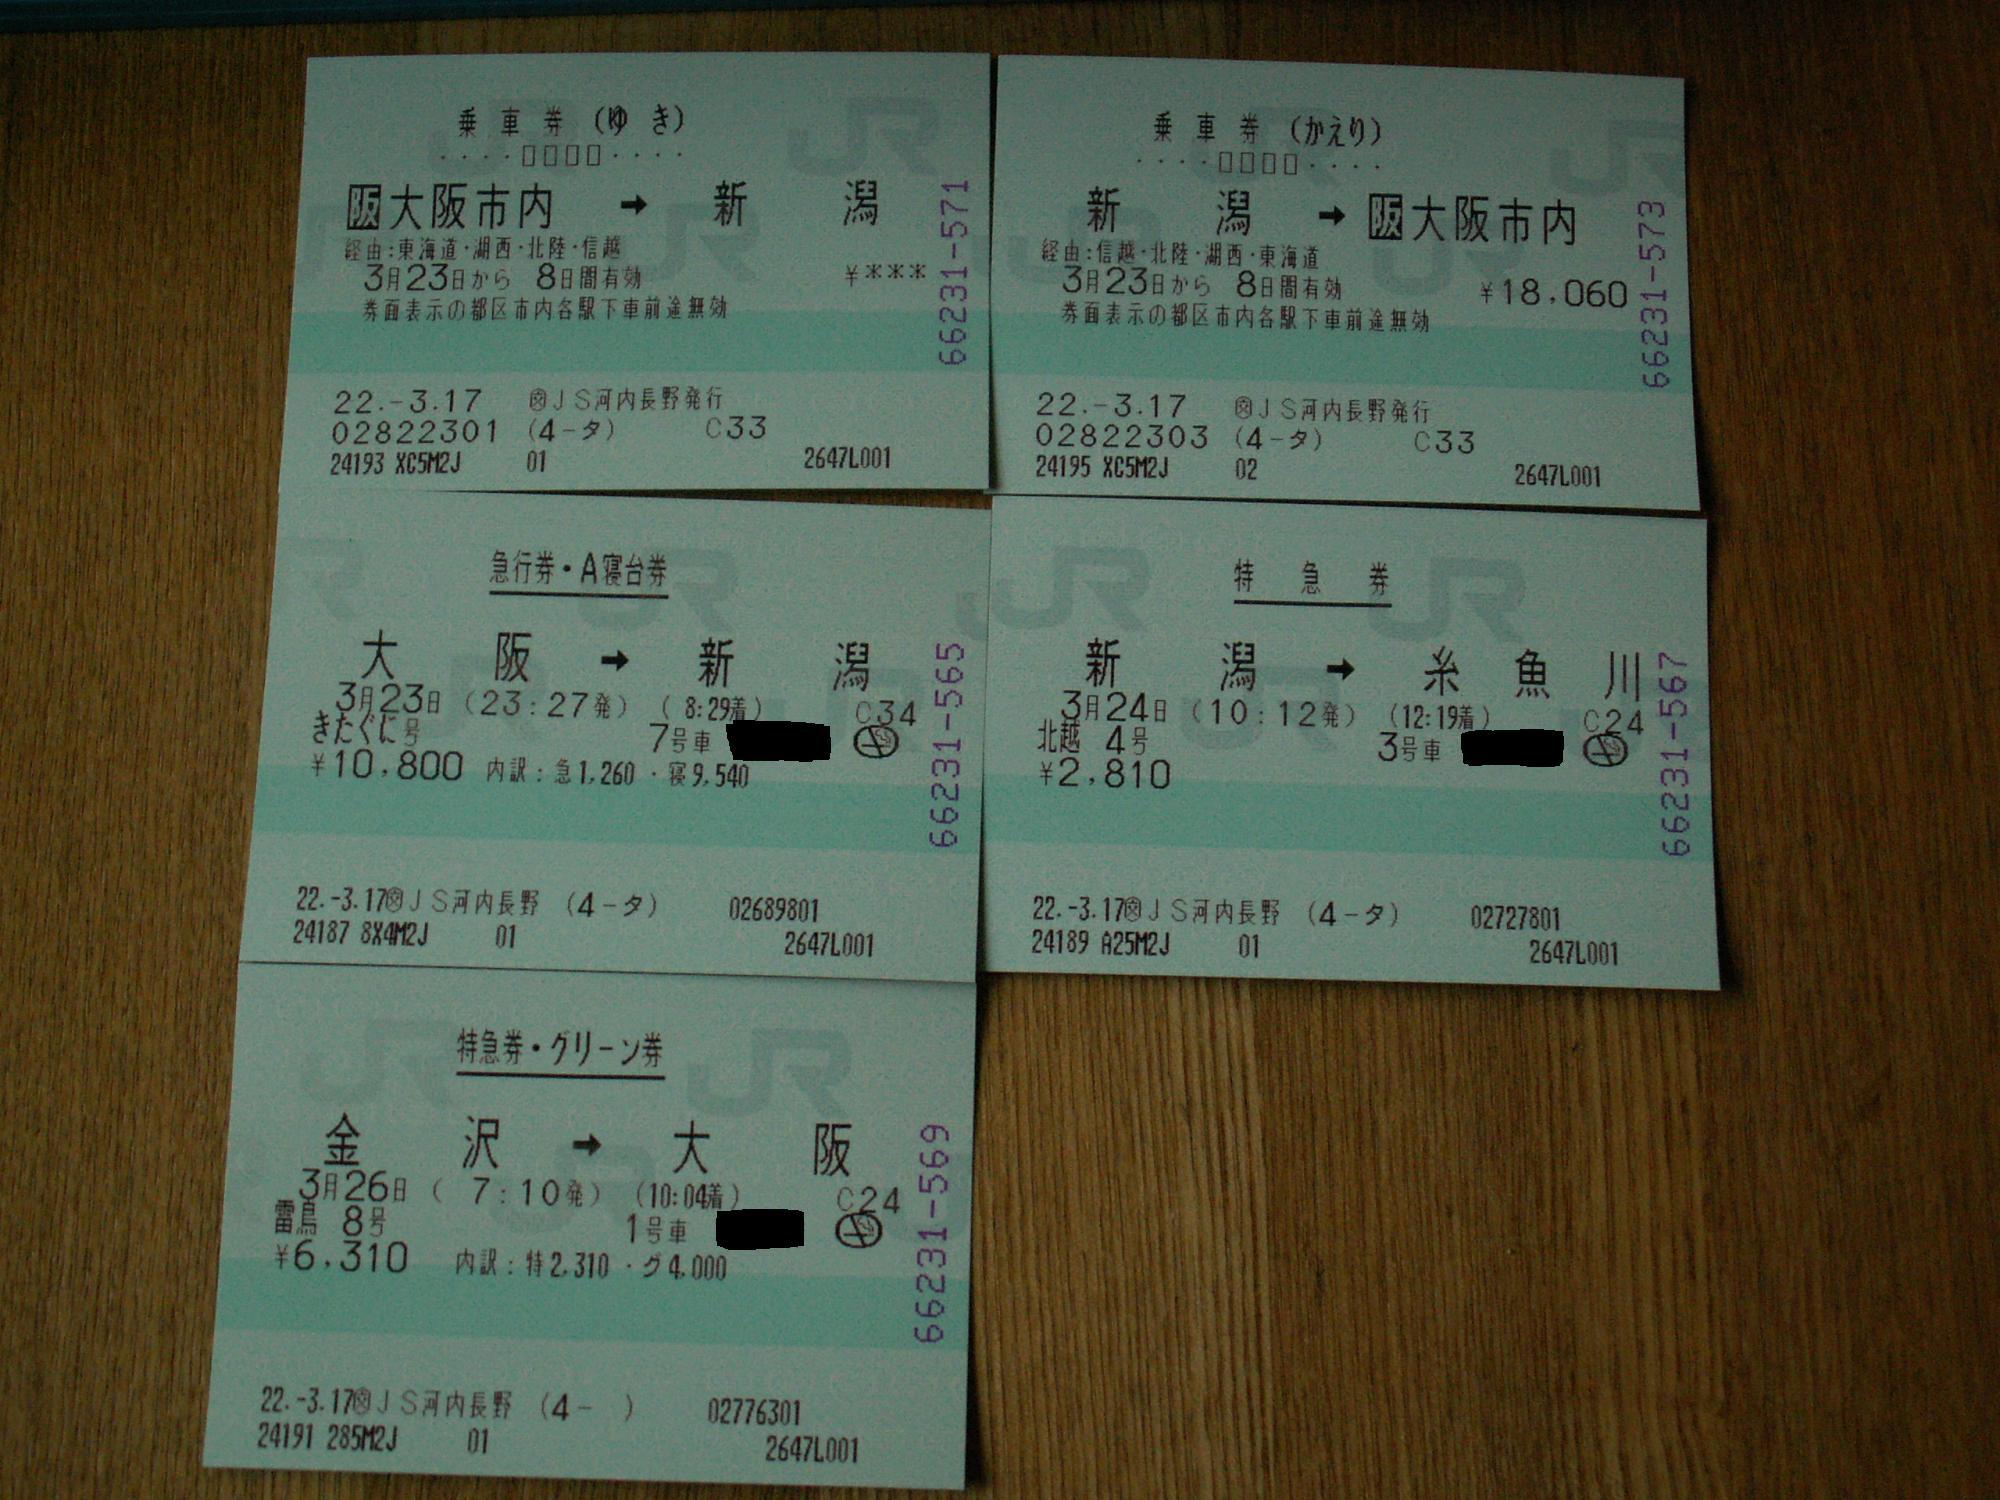 合計五枚の切符